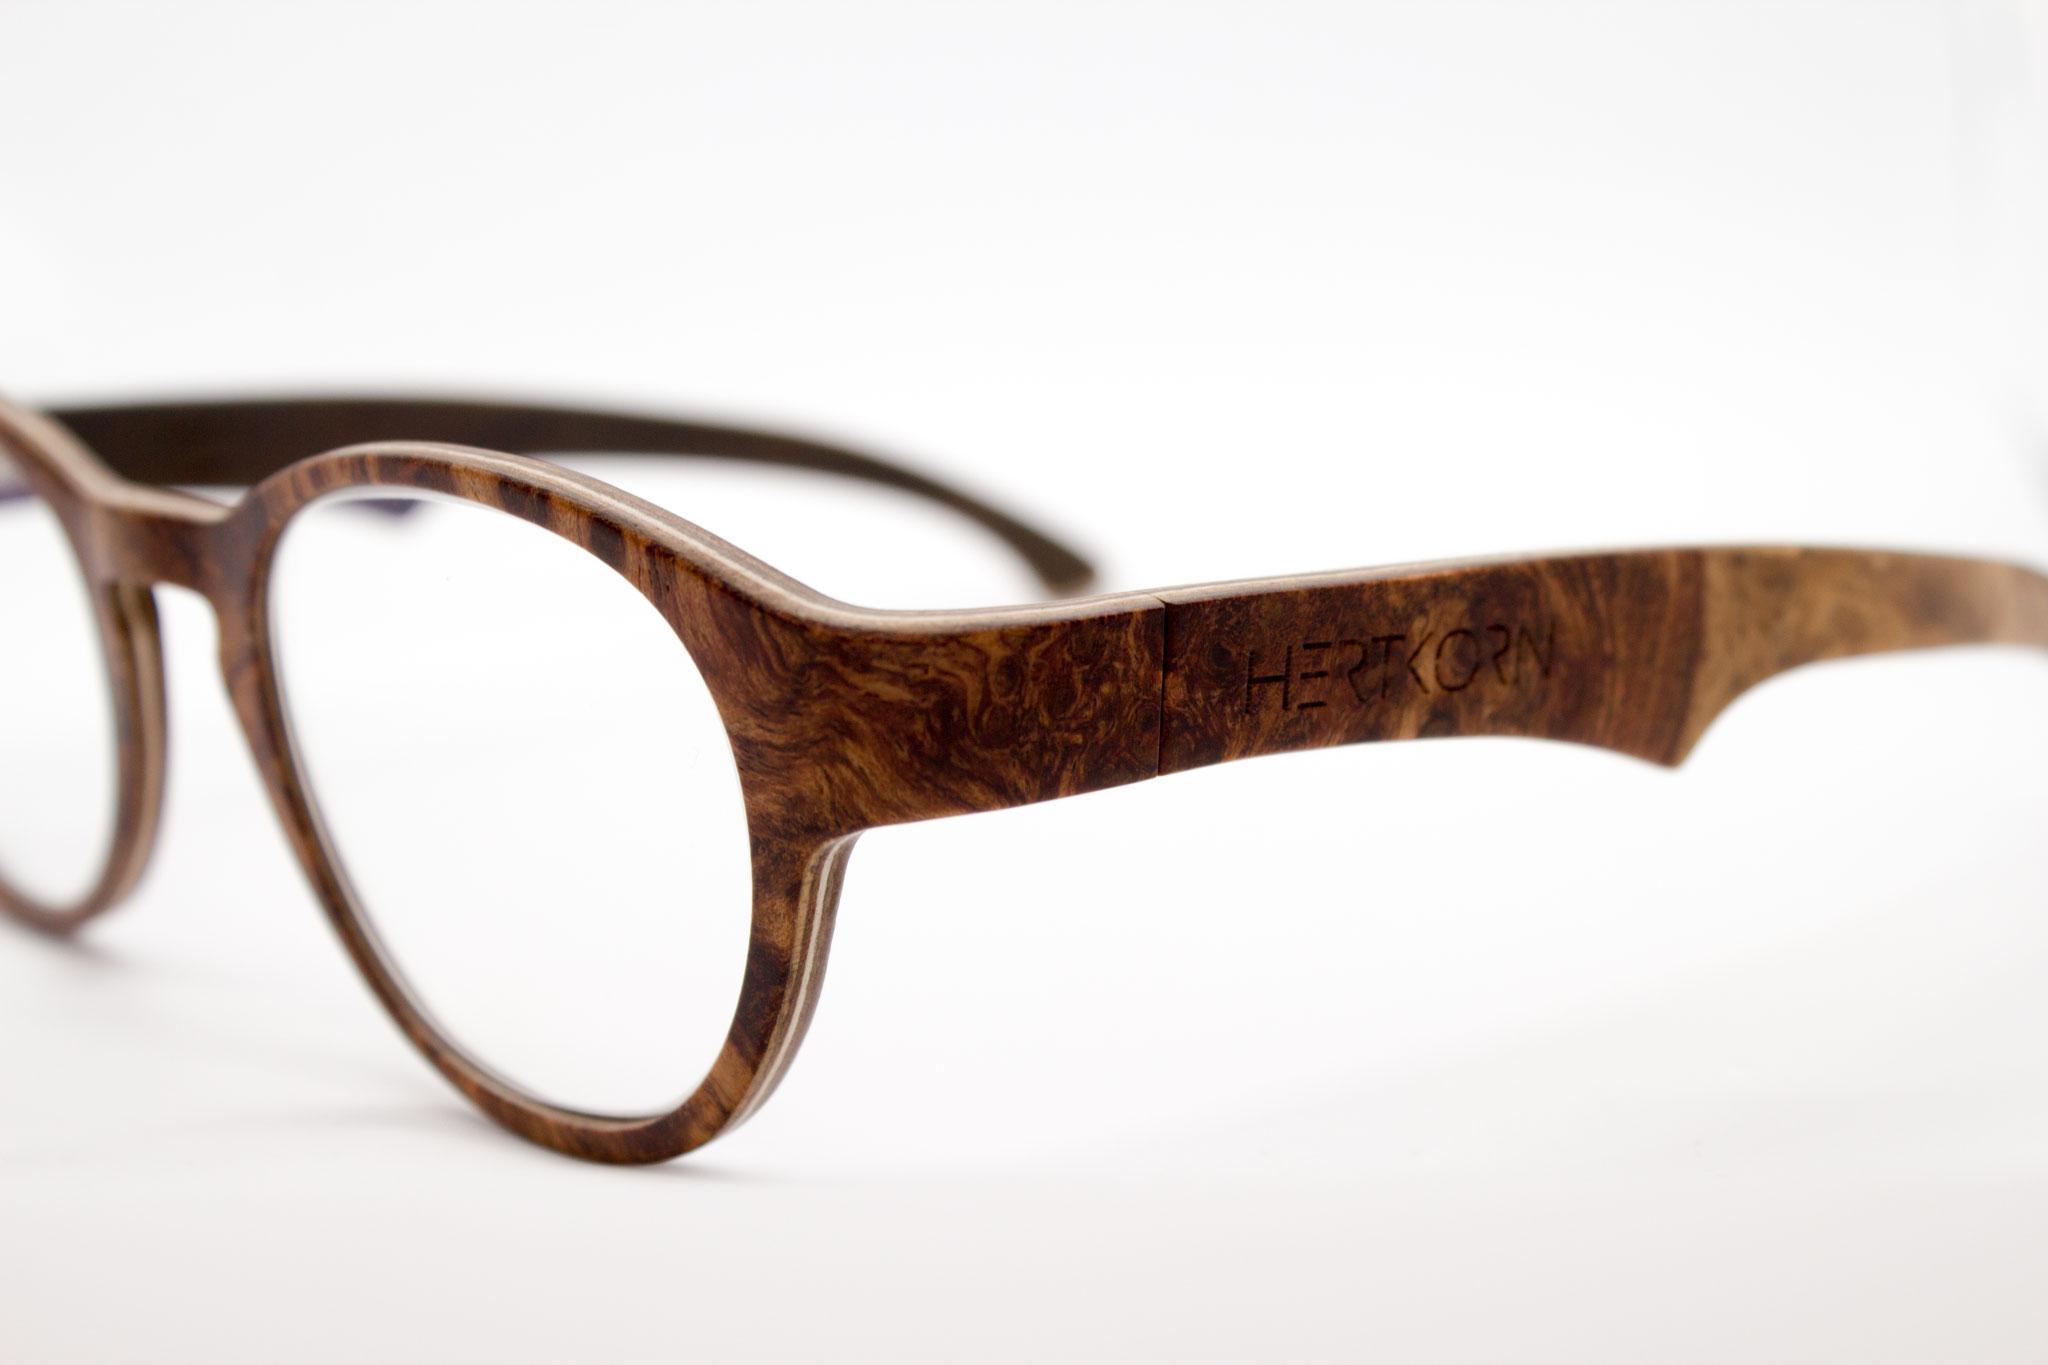 HERTKORN Hozlzbrillen Manufaktur | Holzbrillen aus dem Chiemgau/Bayern